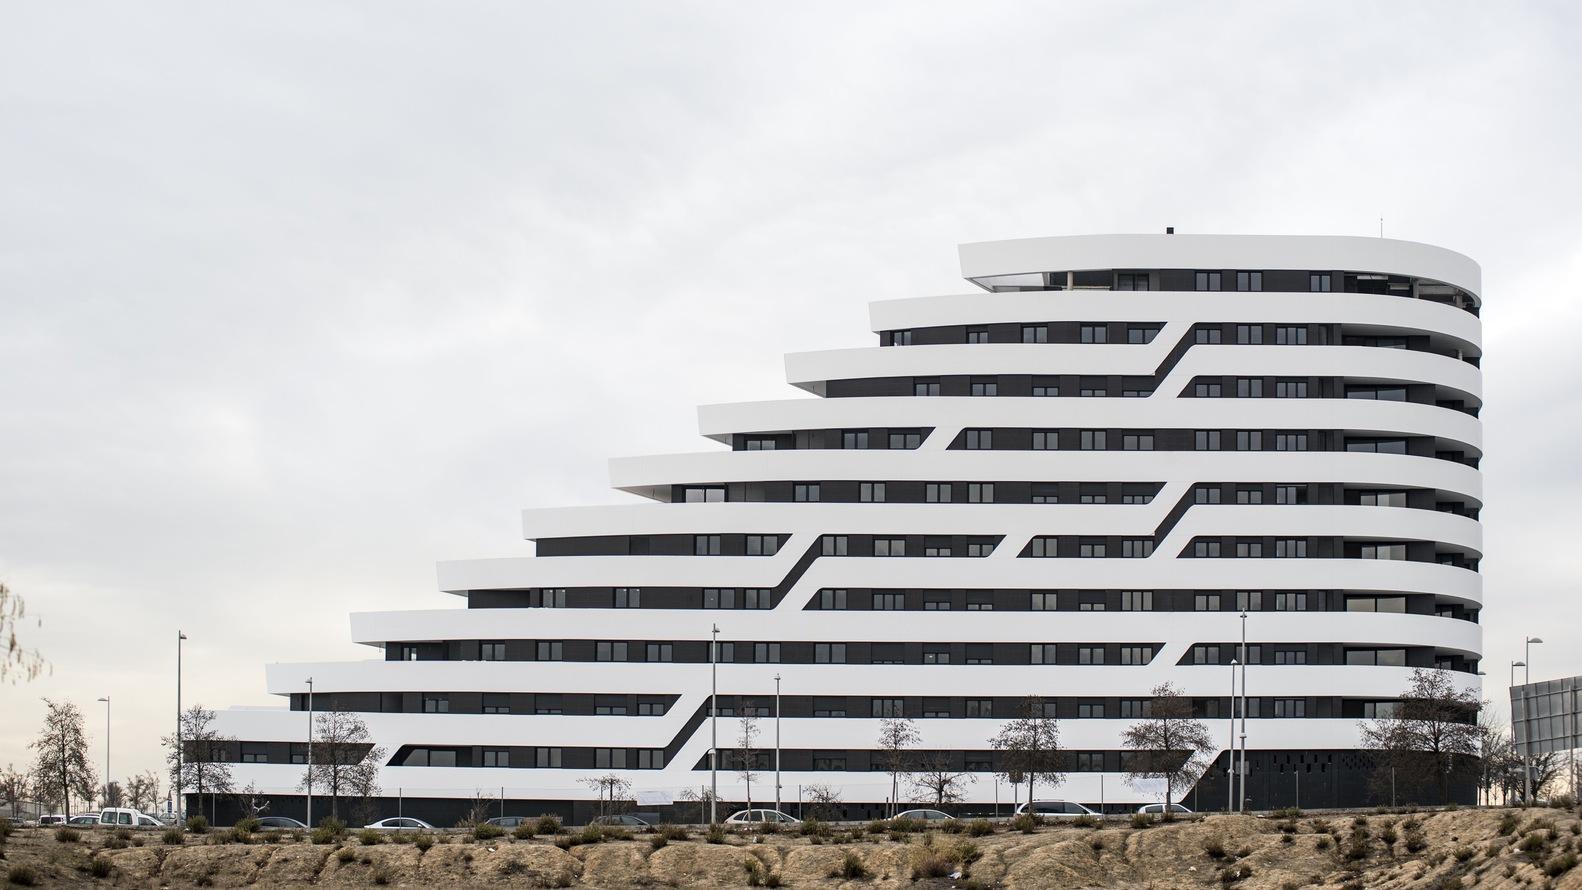 西班牙马德里湖畔露台公寓建筑设计/Morph Studio